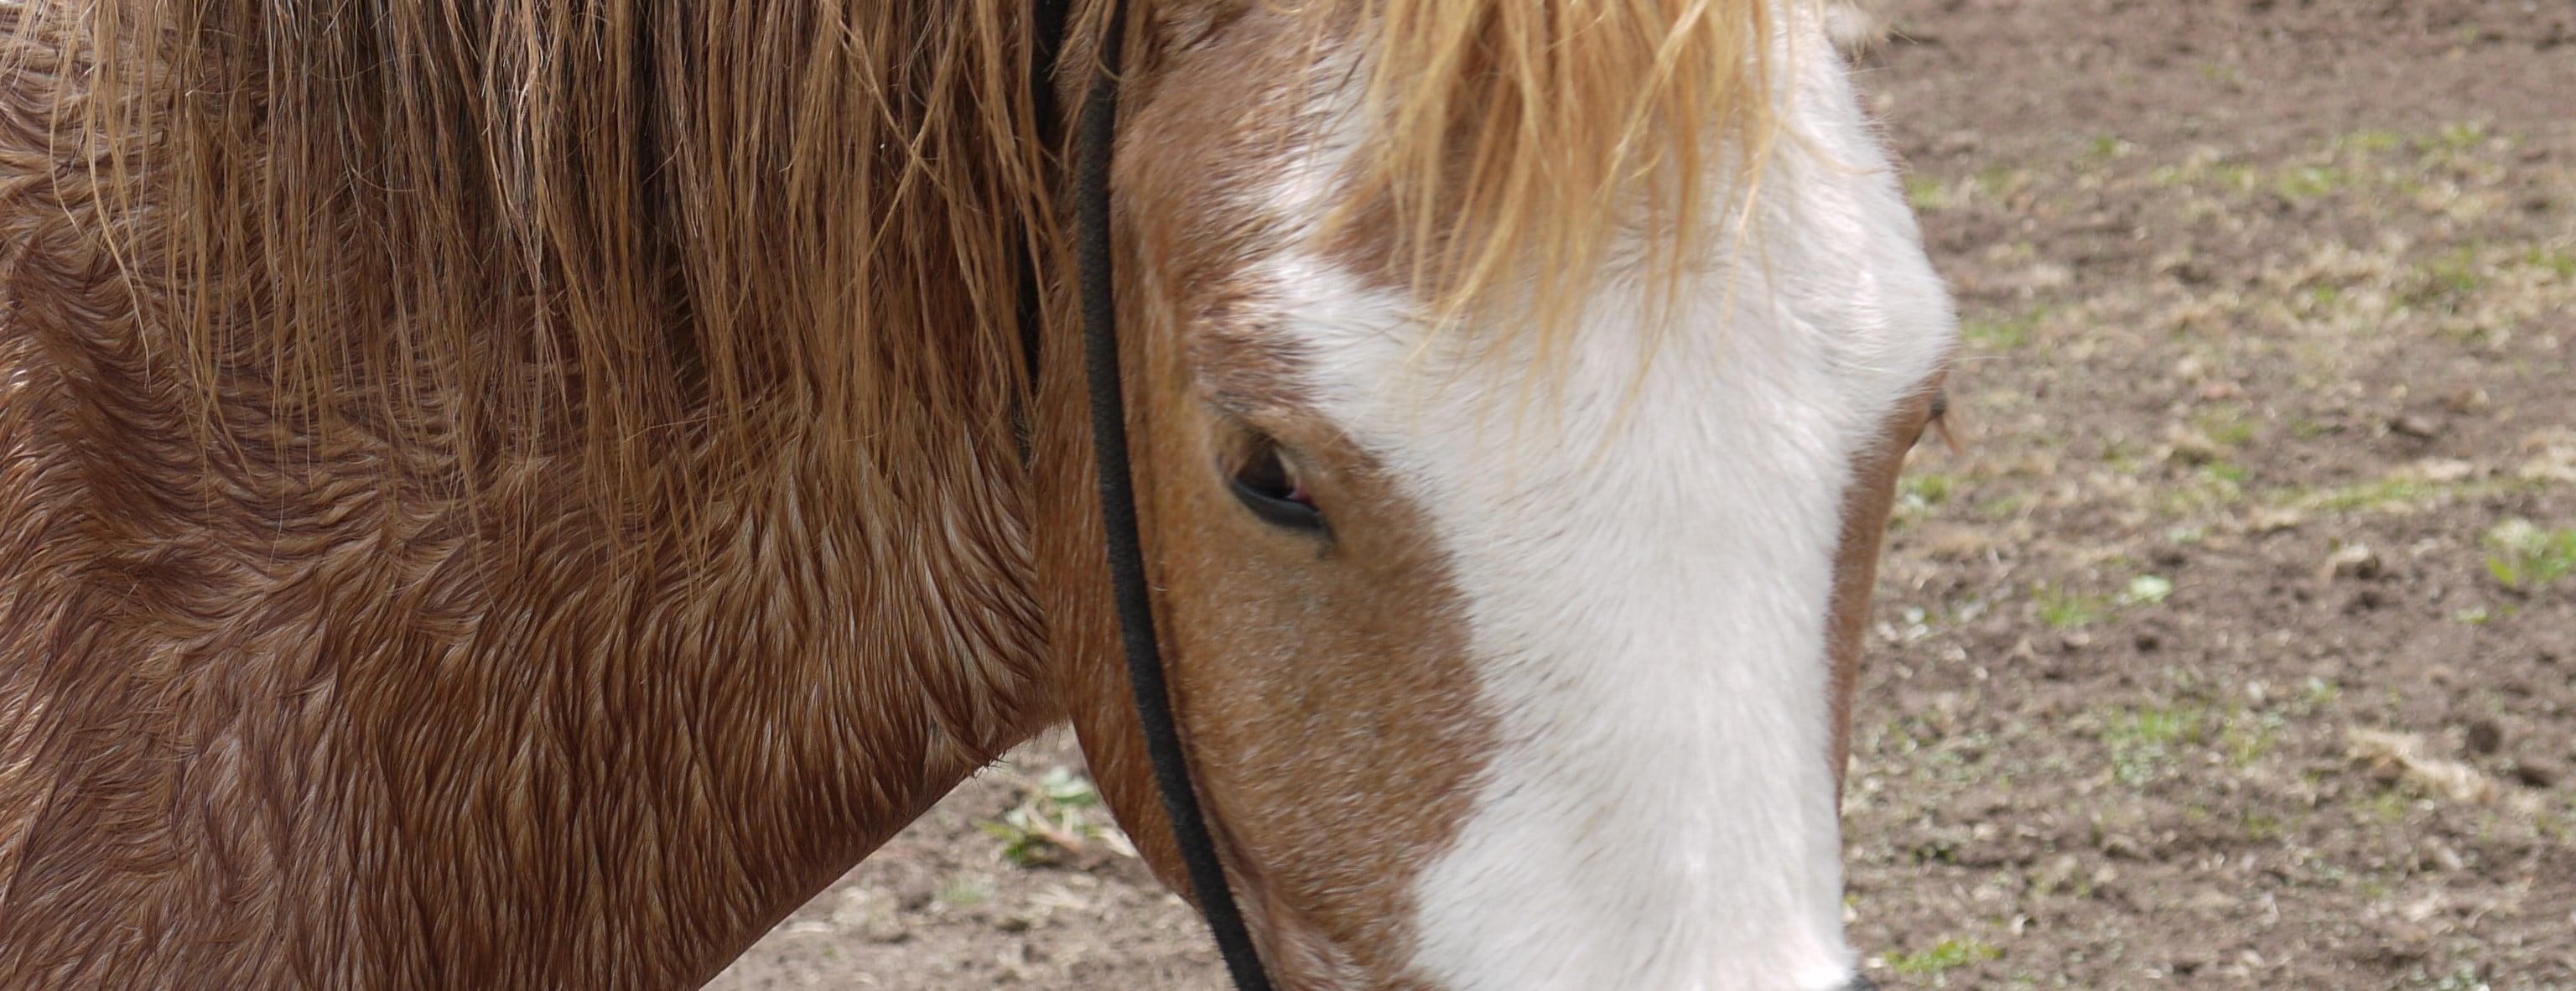 Peru Horse Shelter